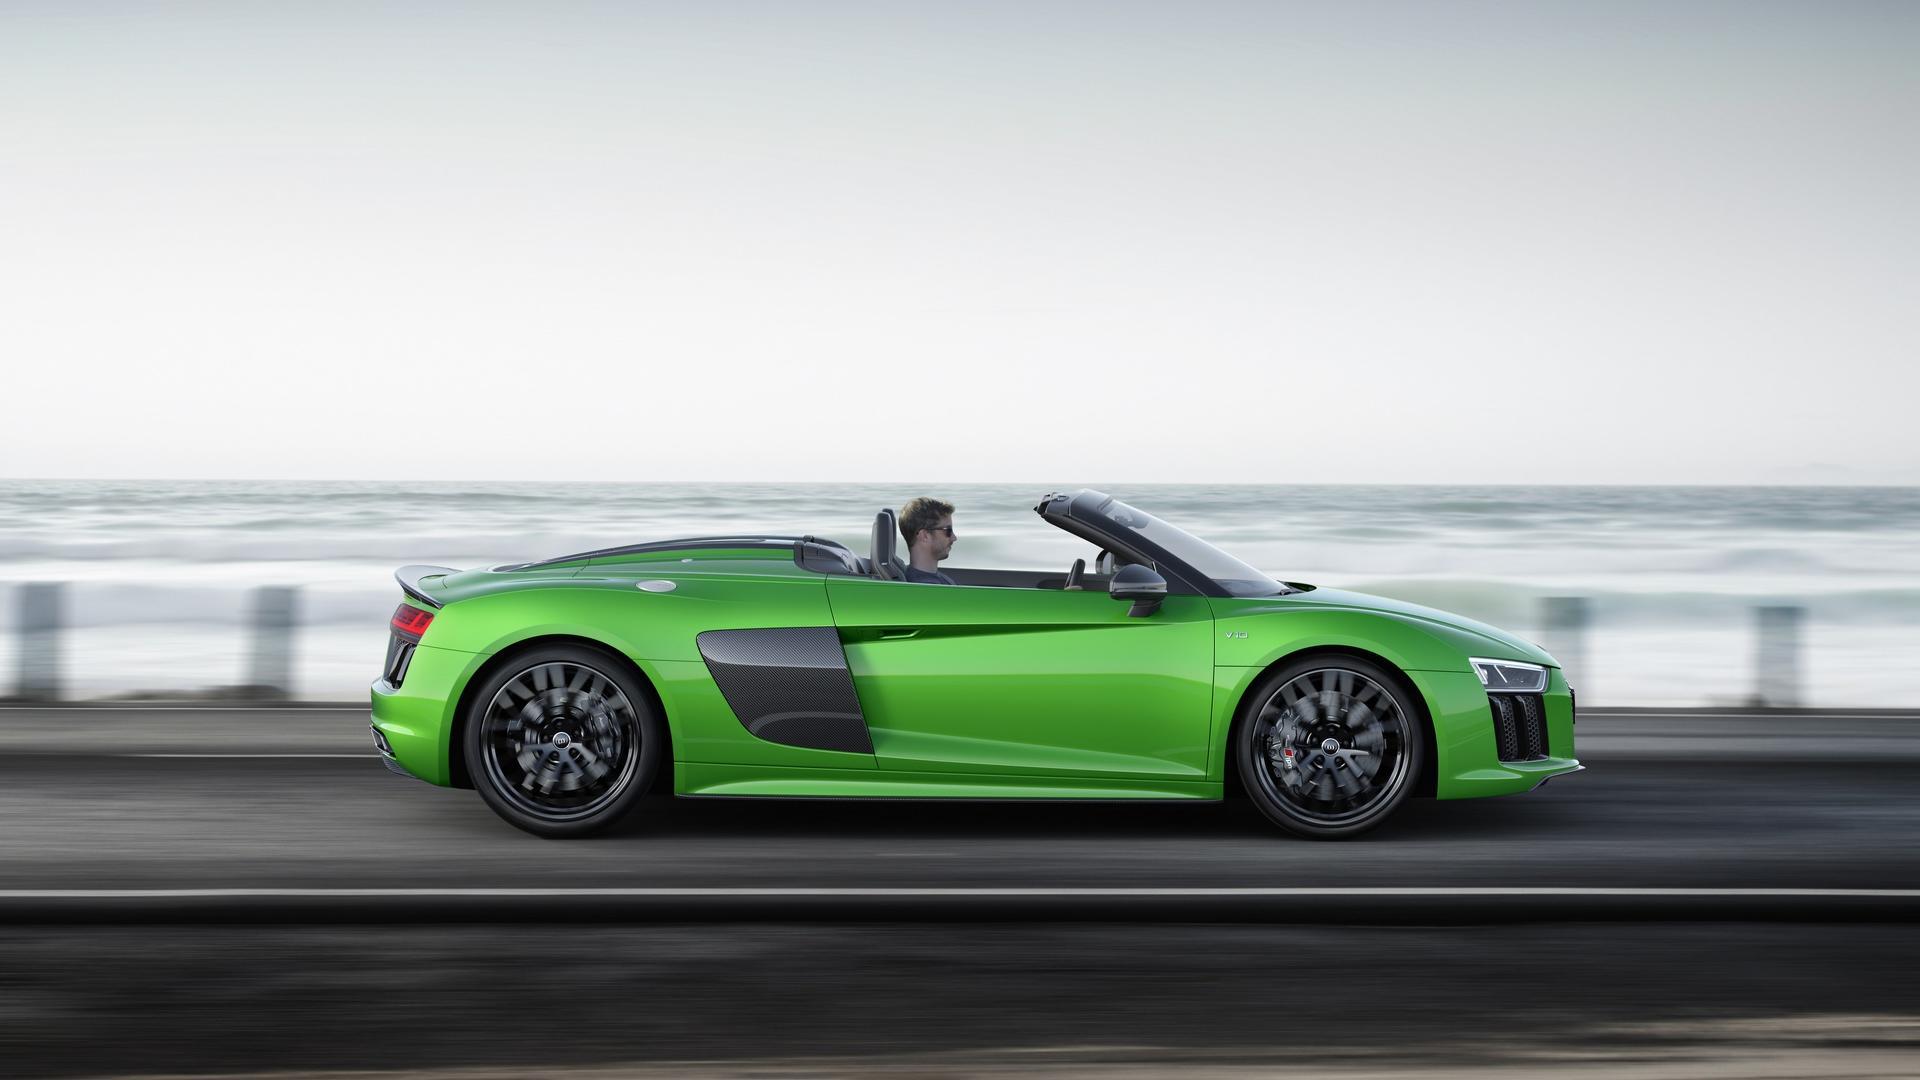 大自然令我陶醉_「令人屏息的傳奇10缸引擎」見識Audi R8 V10 Plus如何突破時速333km/h ...